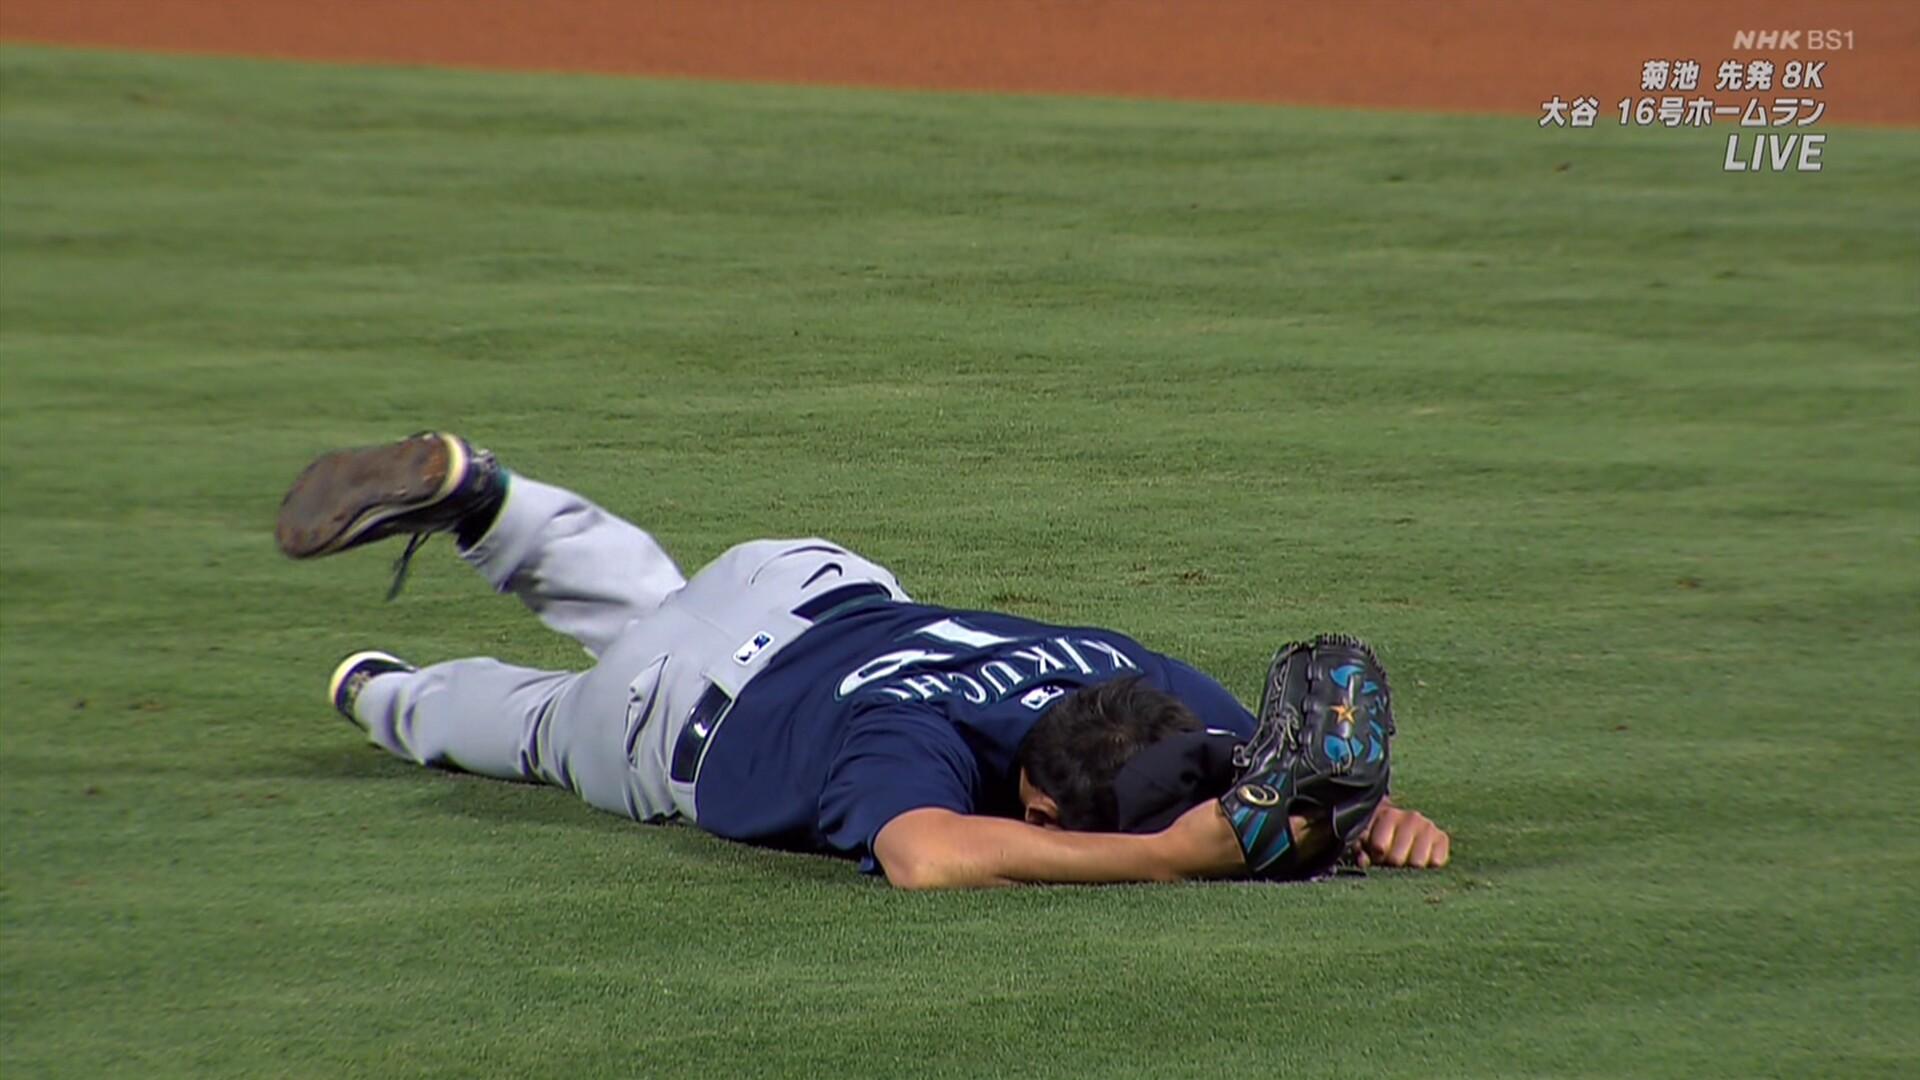 菊池雄星にアクシデント 右膝に打球直撃で負傷降板